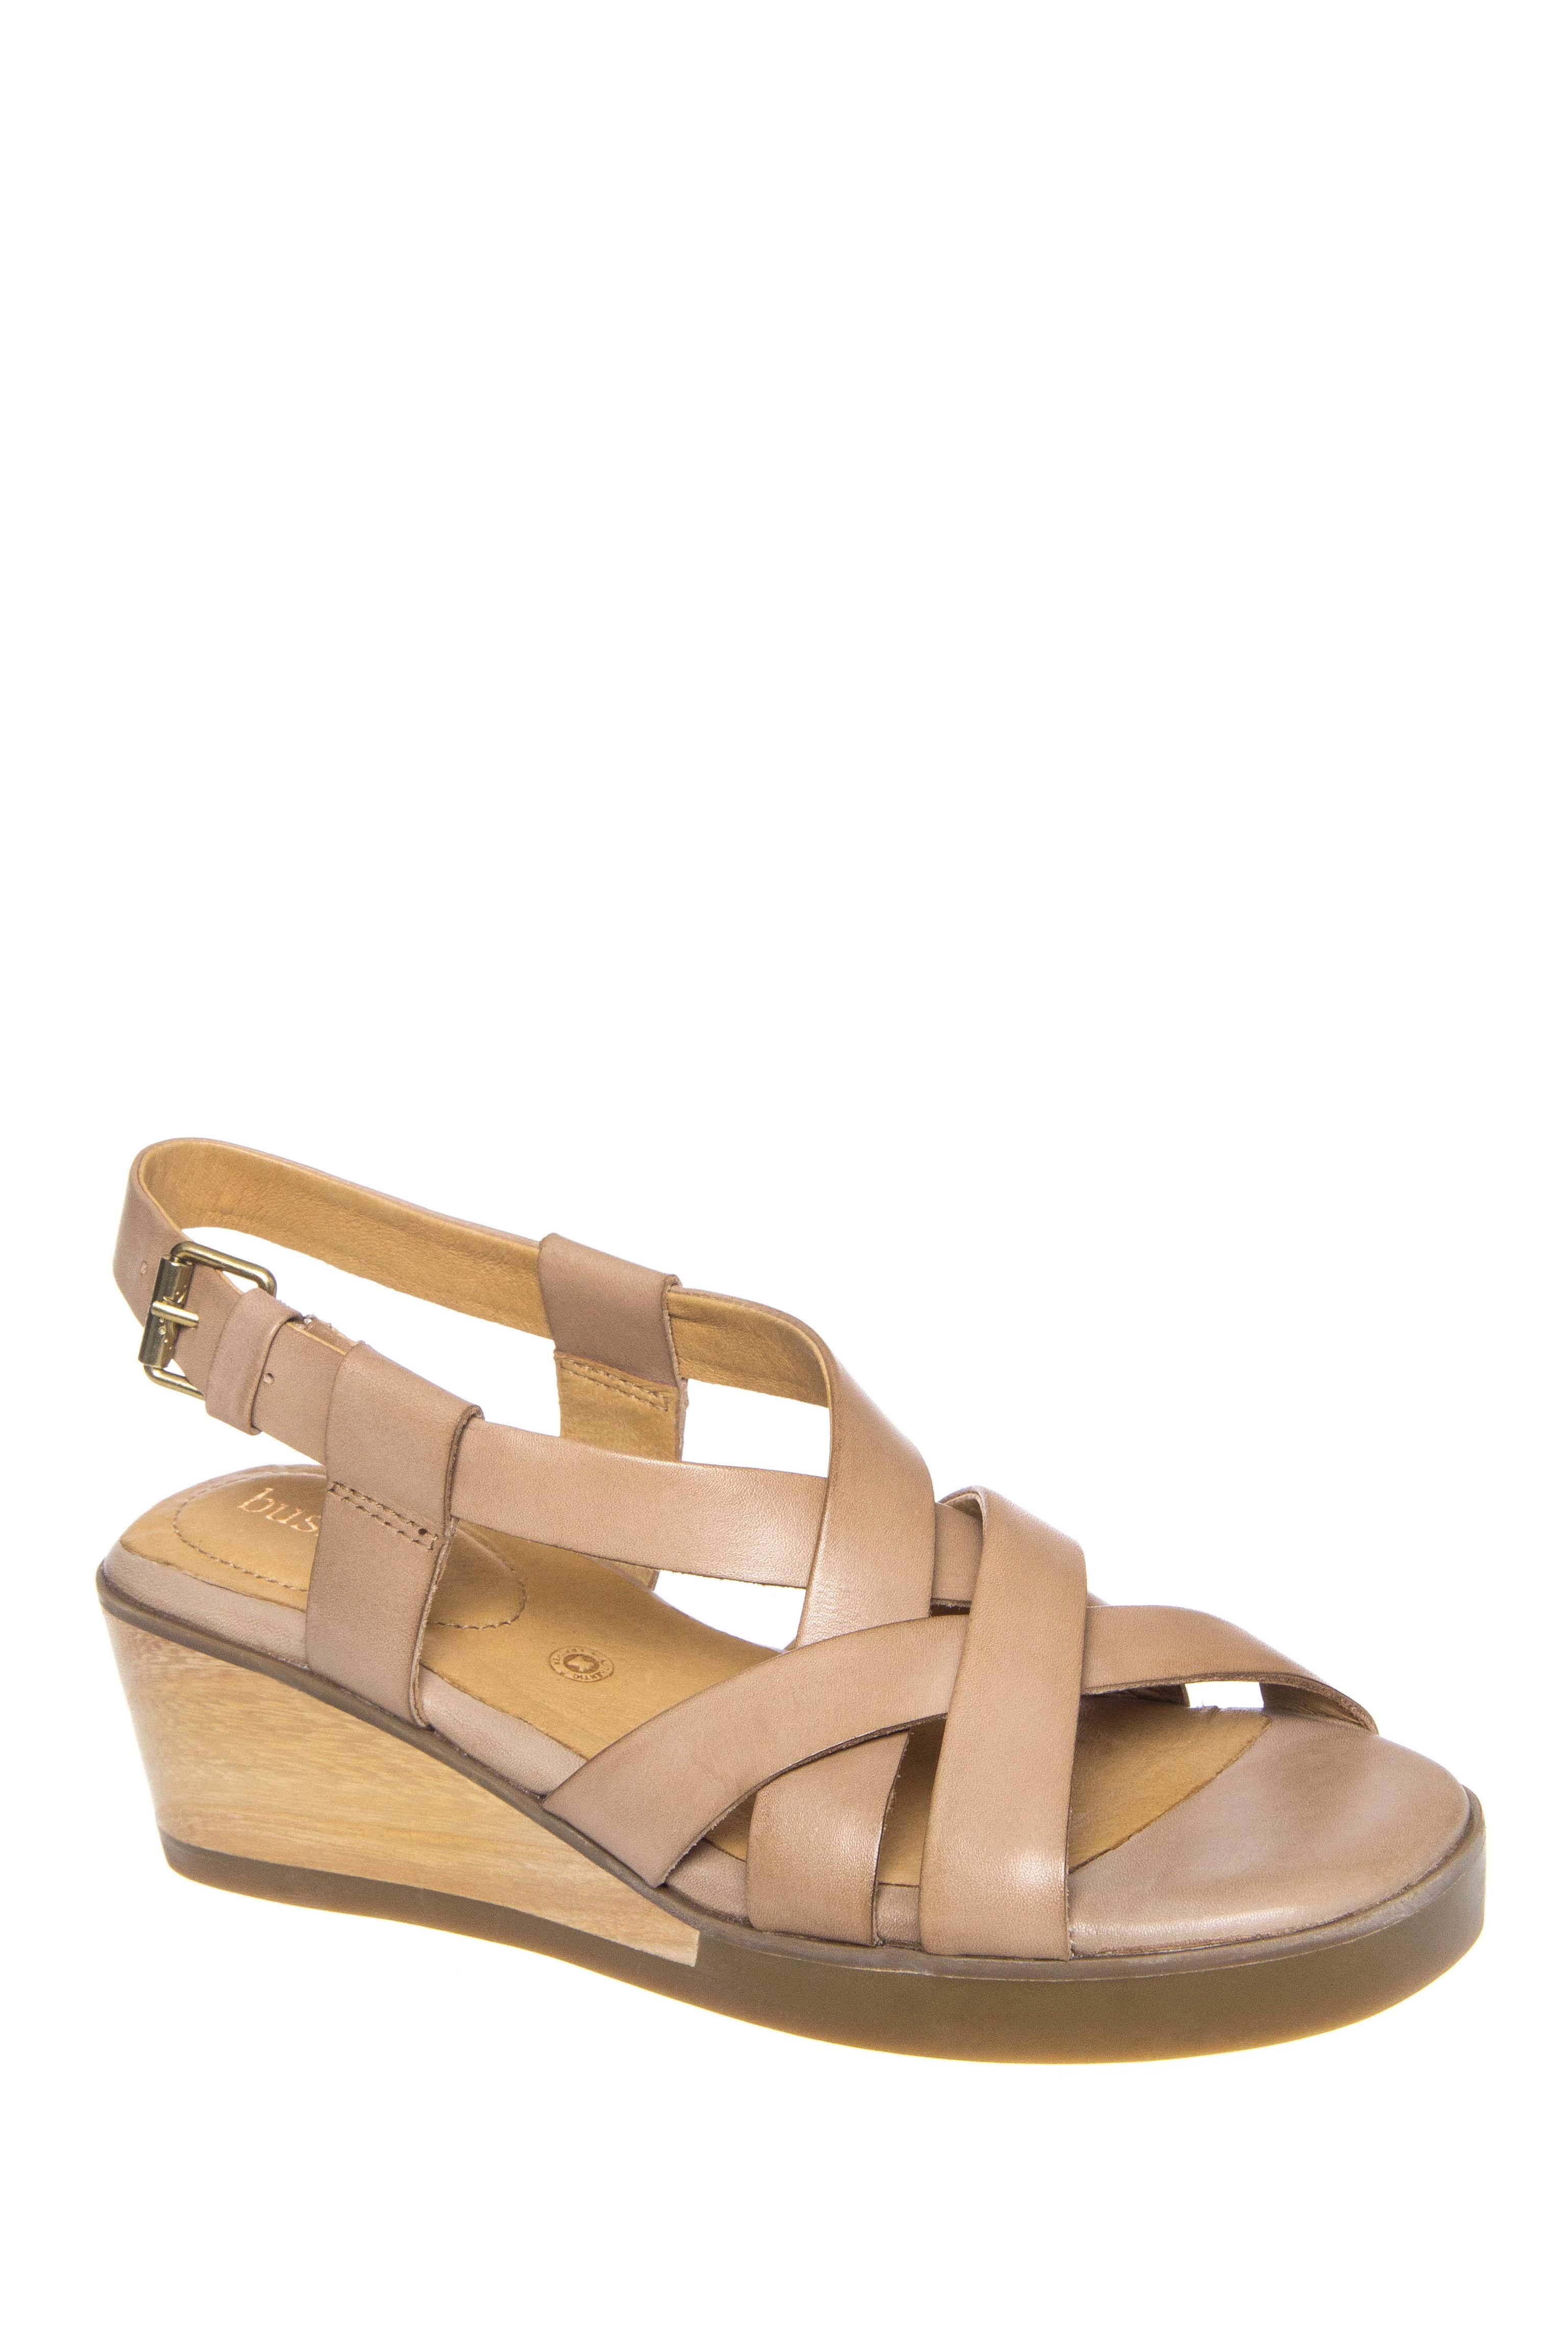 Bussola Massa Mid Wedge Sandals - Doeskin